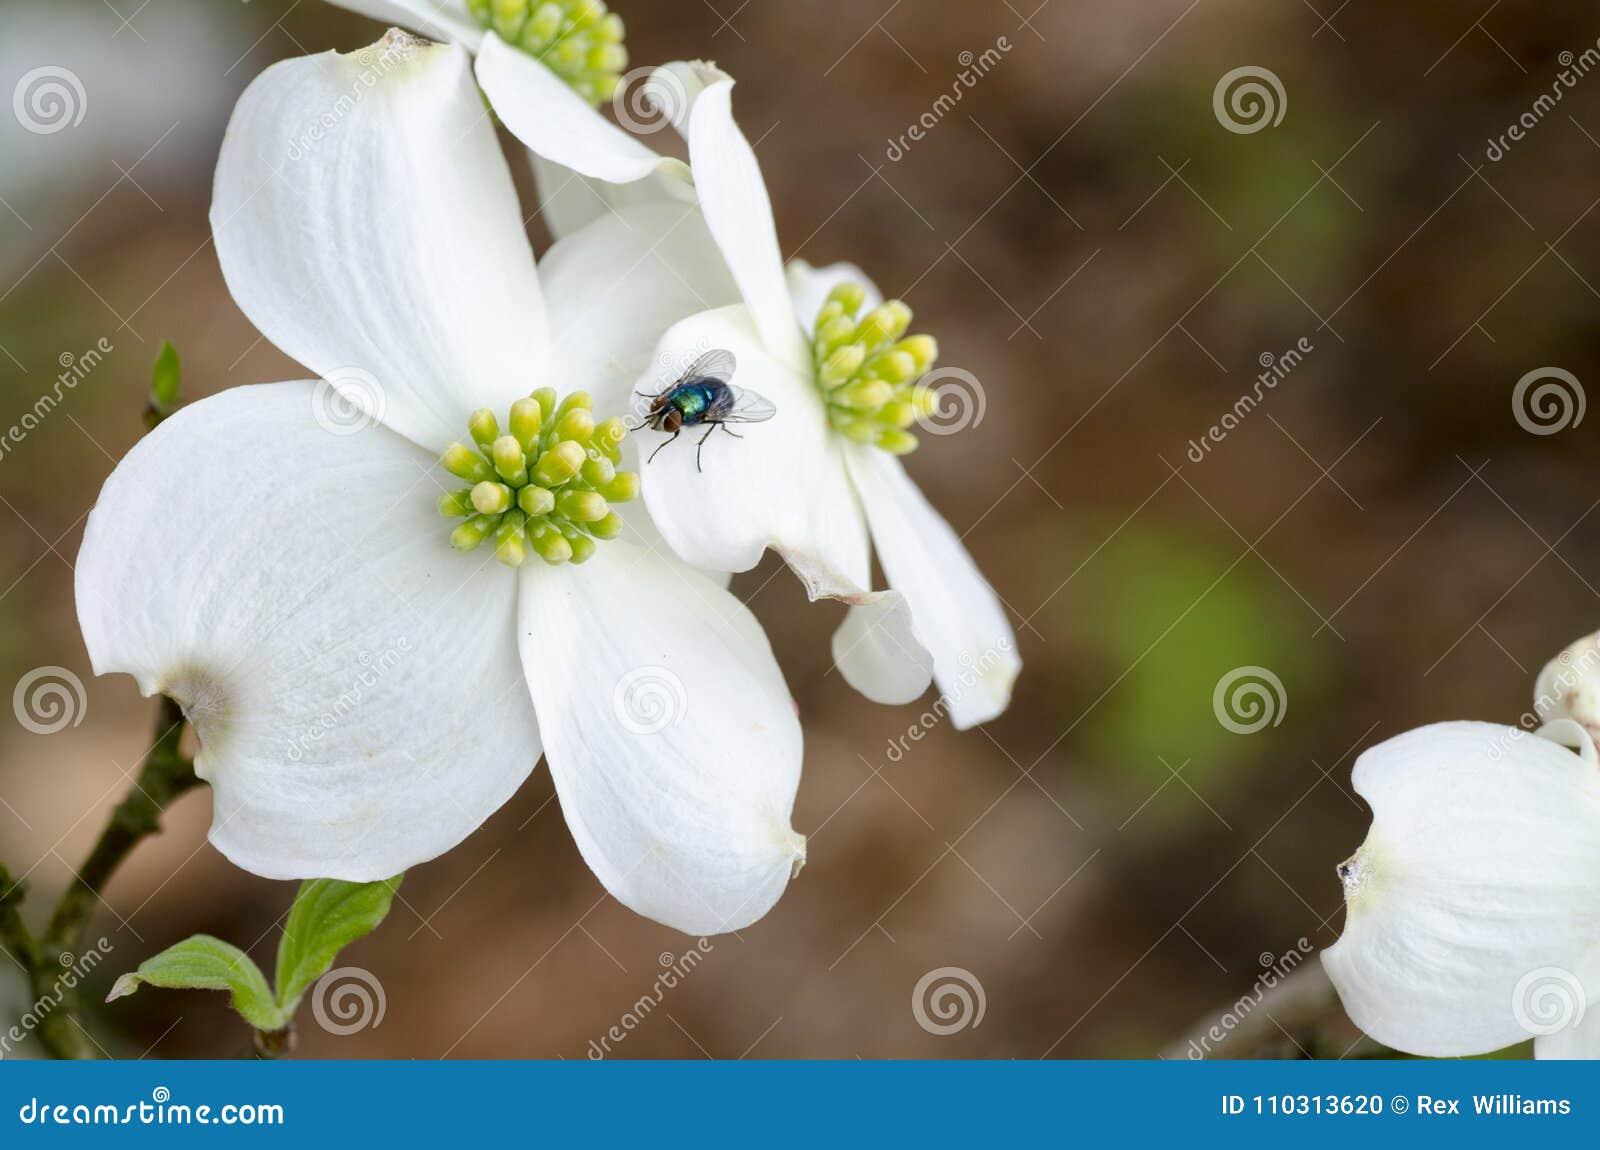 Dogwood Flower White Macro Shot Stock Photo Image Of Blossom